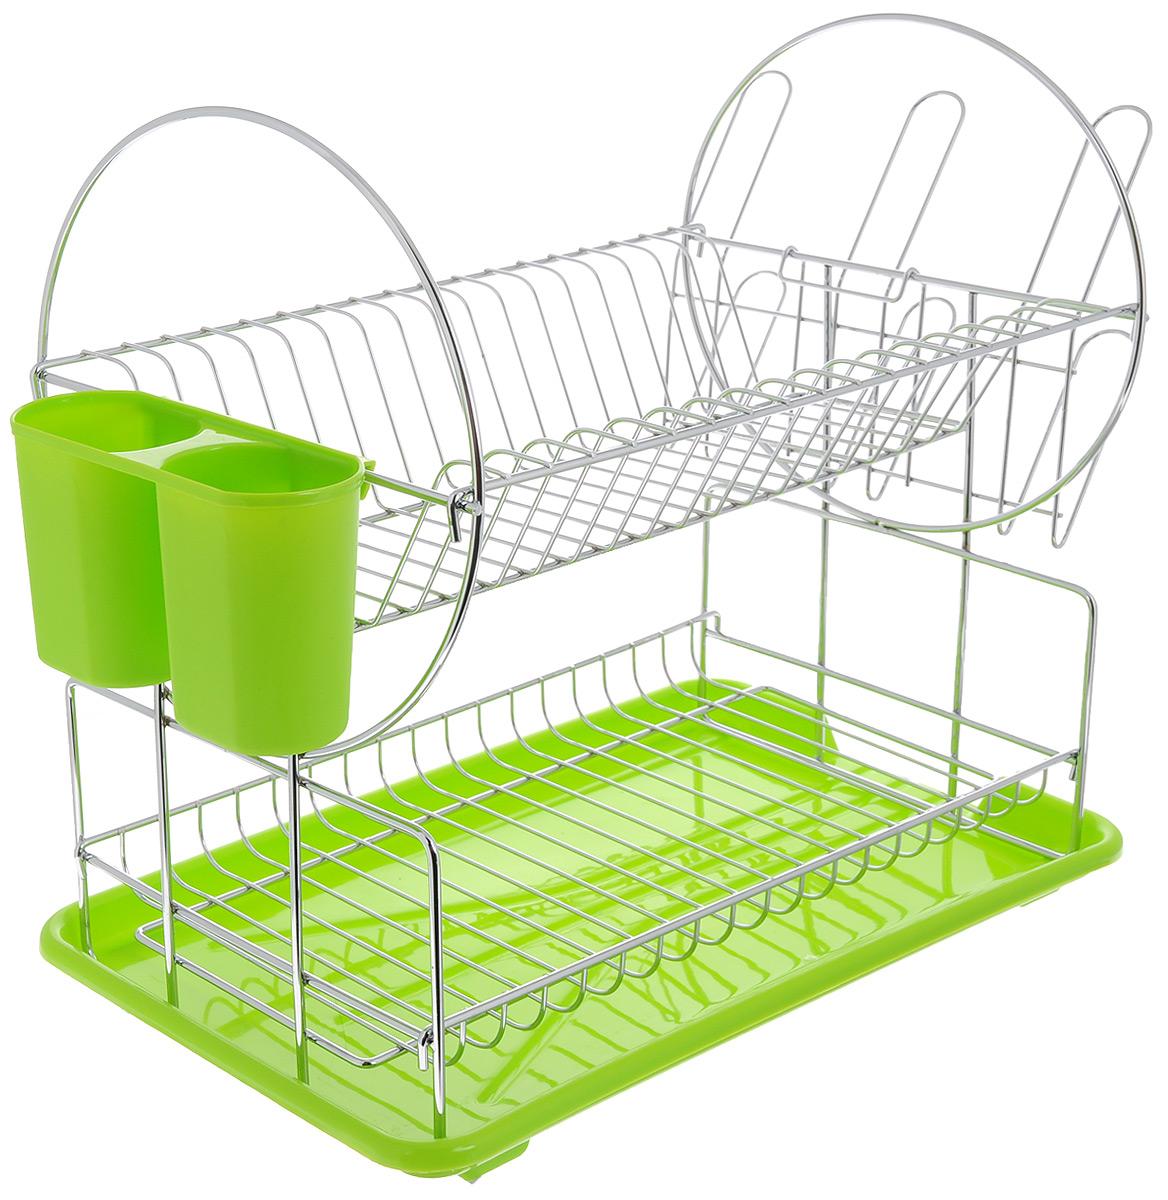 """Сушилка для посуды """"Mayer & Boch"""", цвет: зеленый, серебристый, 42 х 24 х 35 см"""